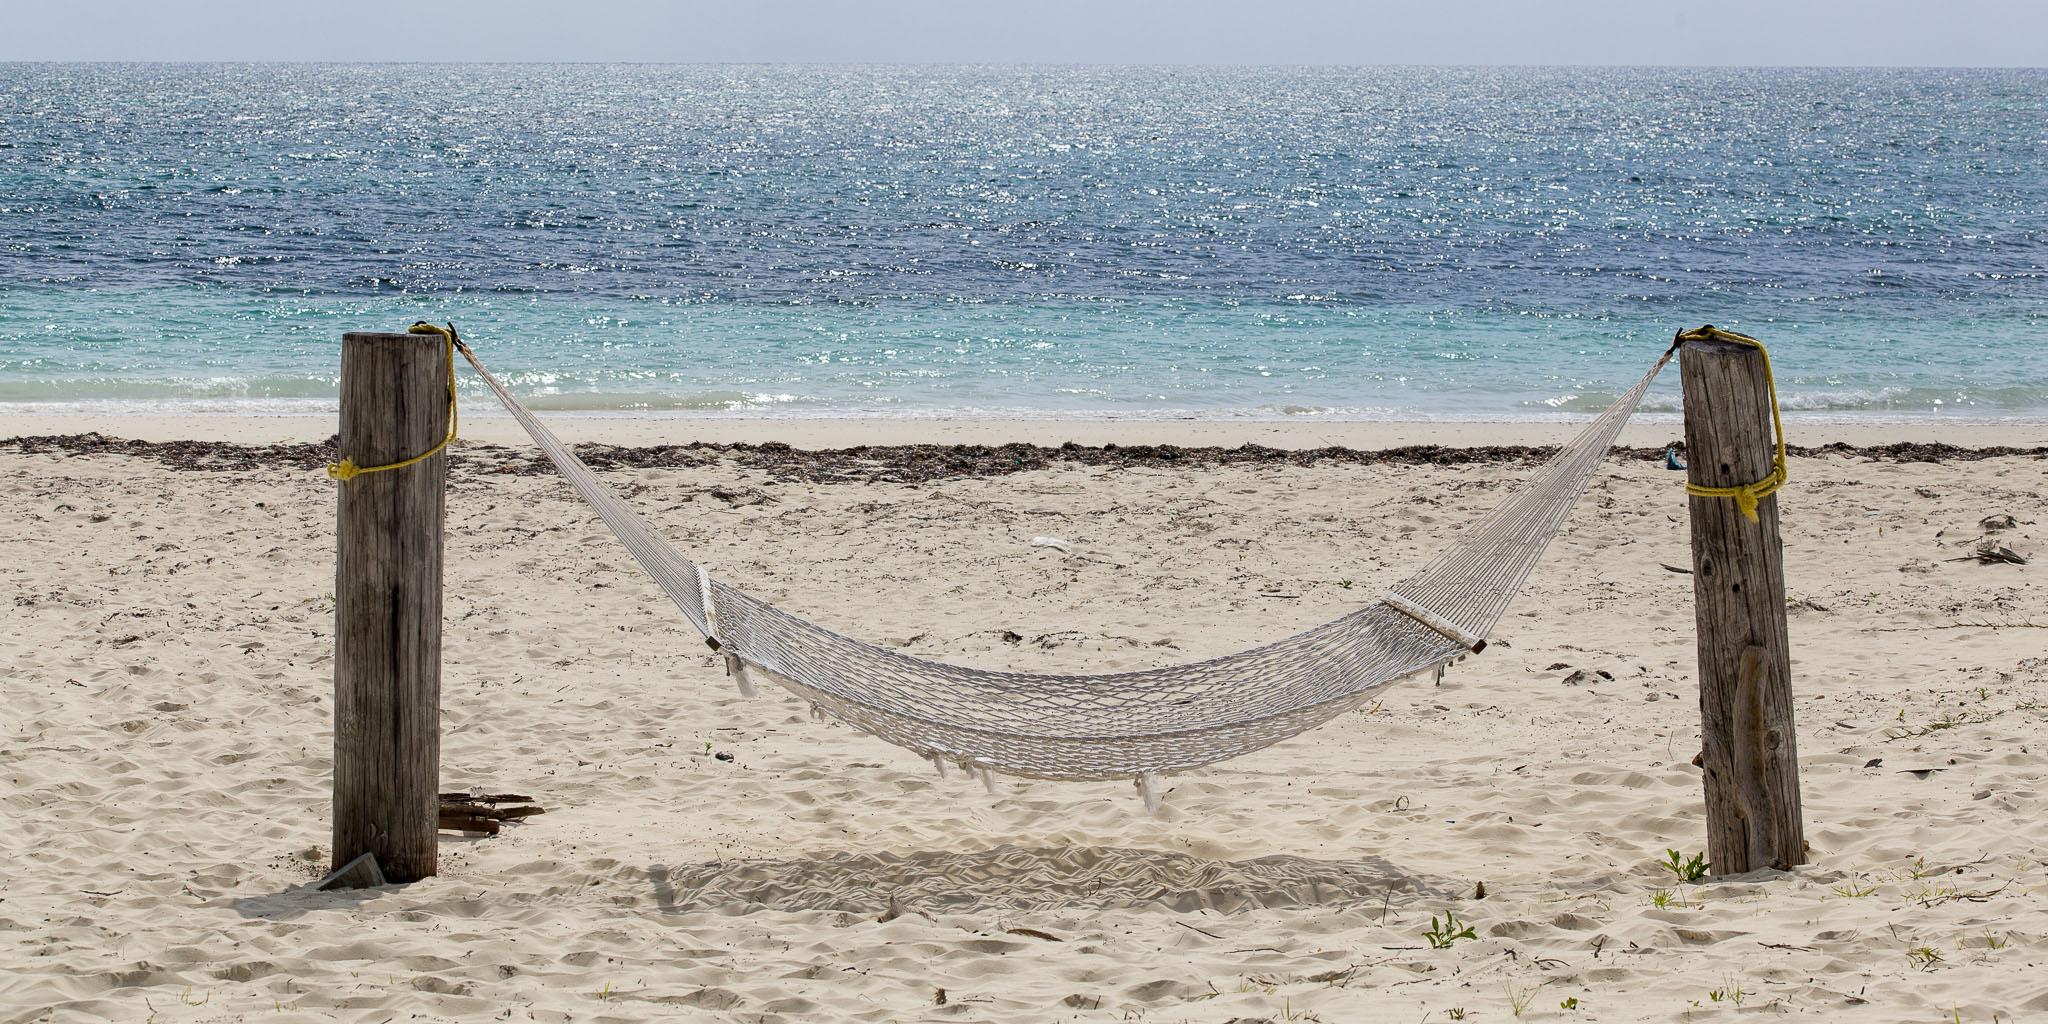 Bahamas-6361-Edit.jpg